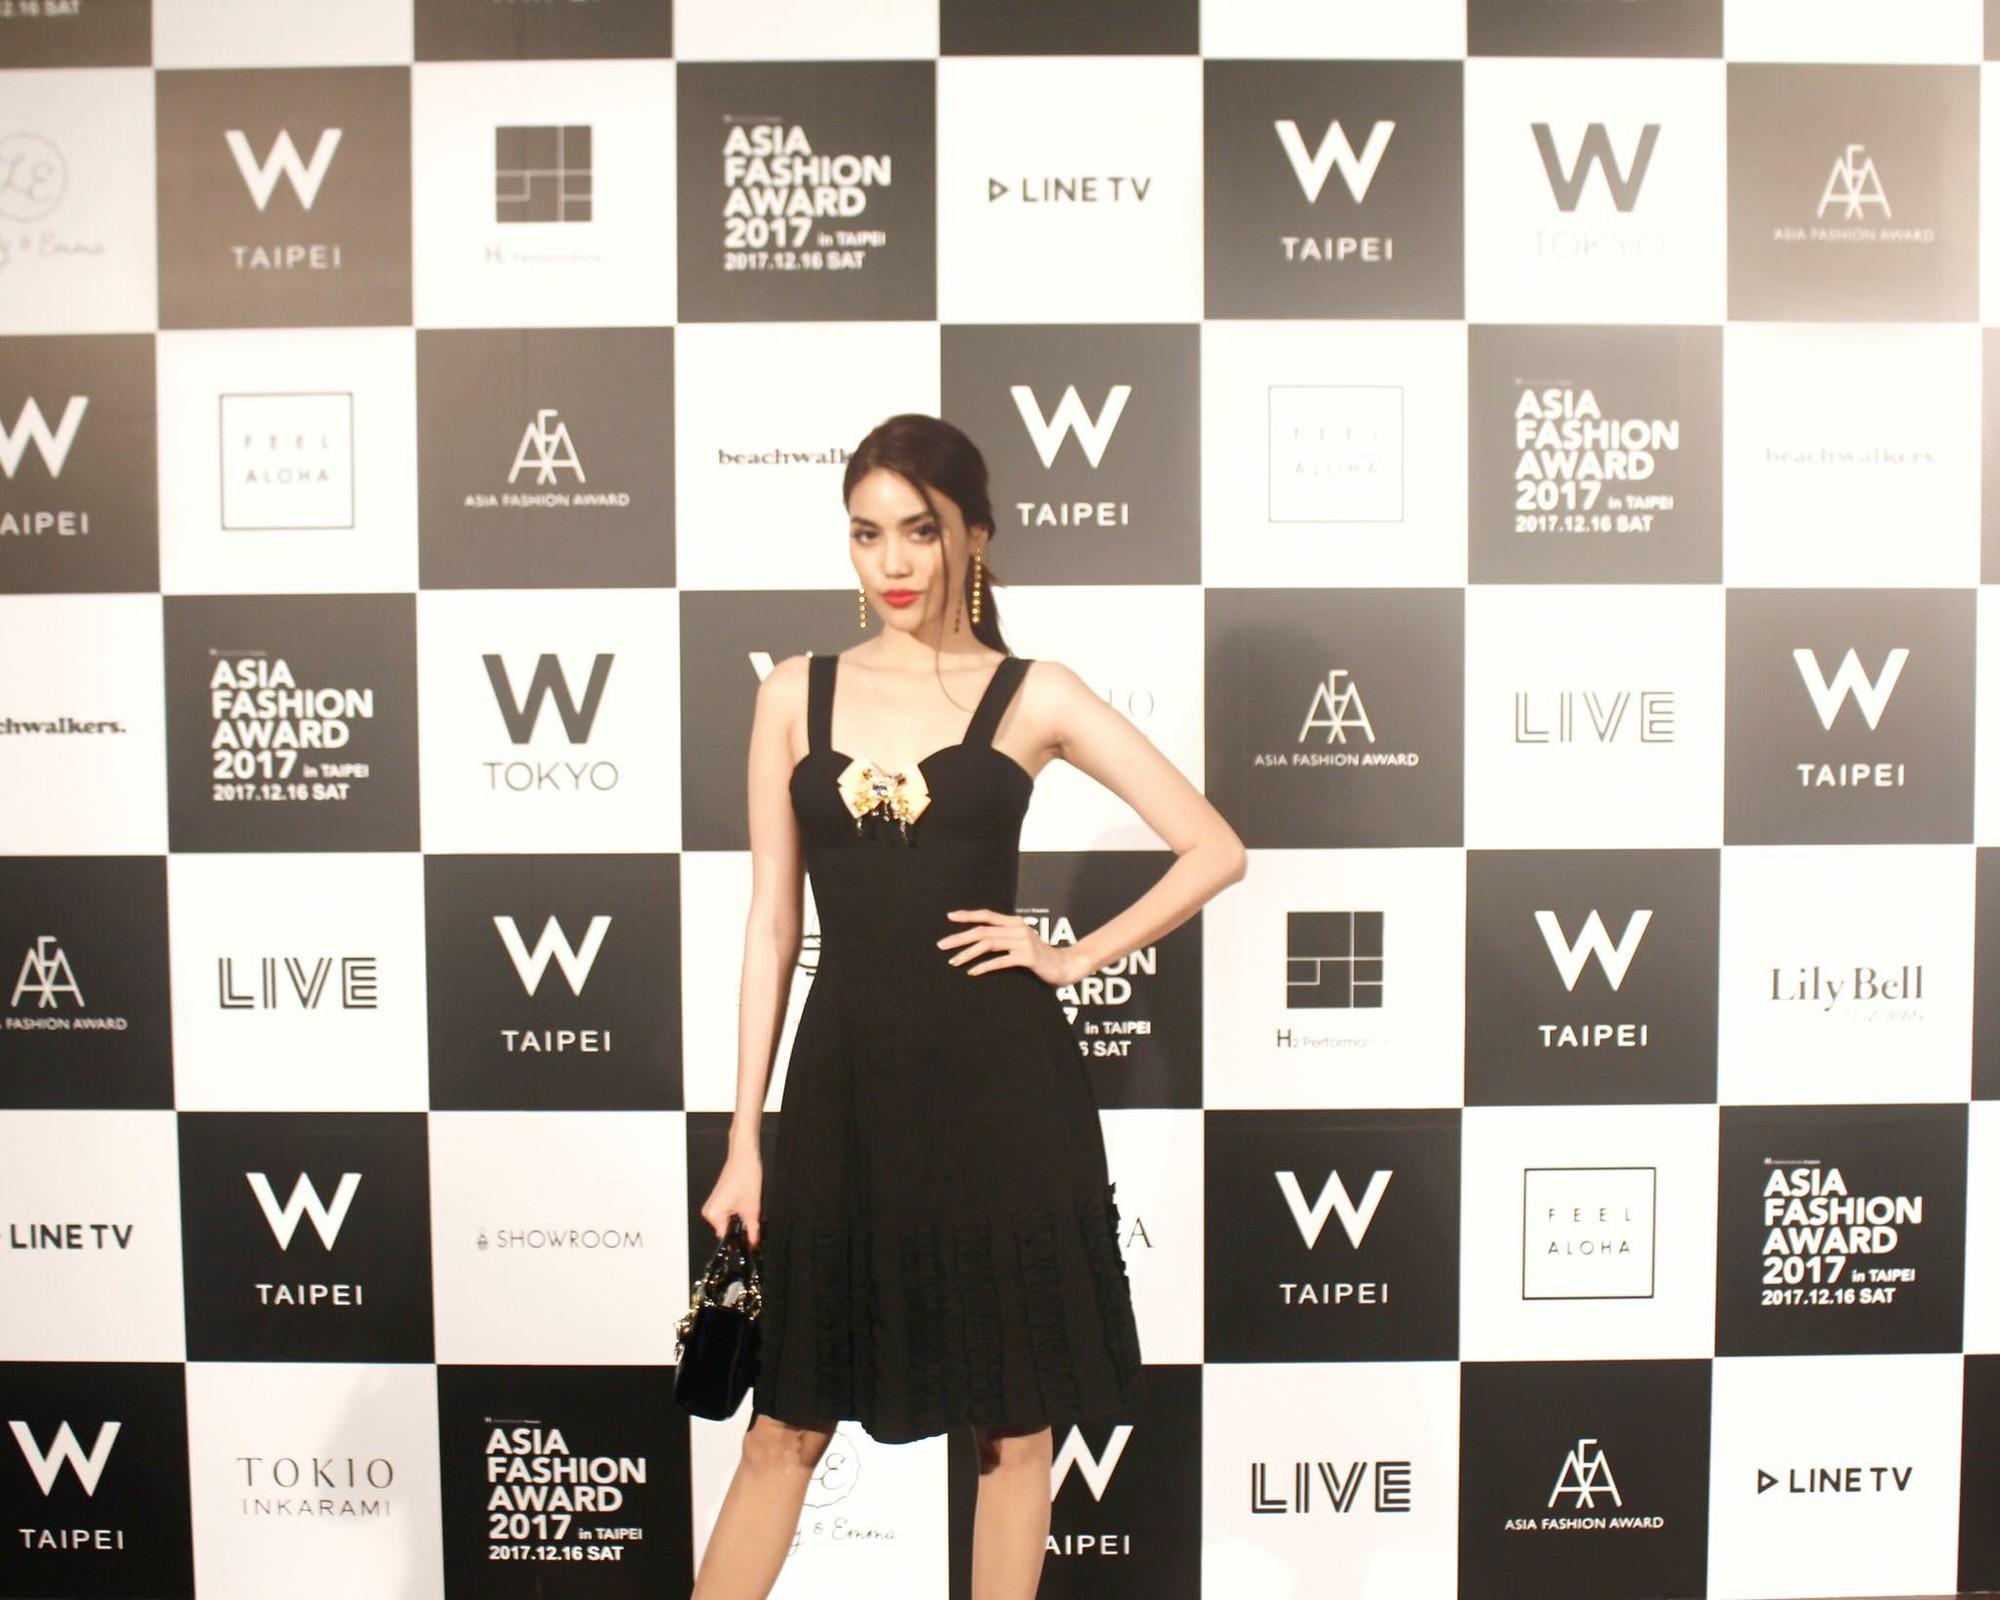 Mang thiết kế Công Trí đến thảm đỏ Asia Fashion Award, Lan Khuê còn nổi bật hơn cả CL - Ảnh 5.